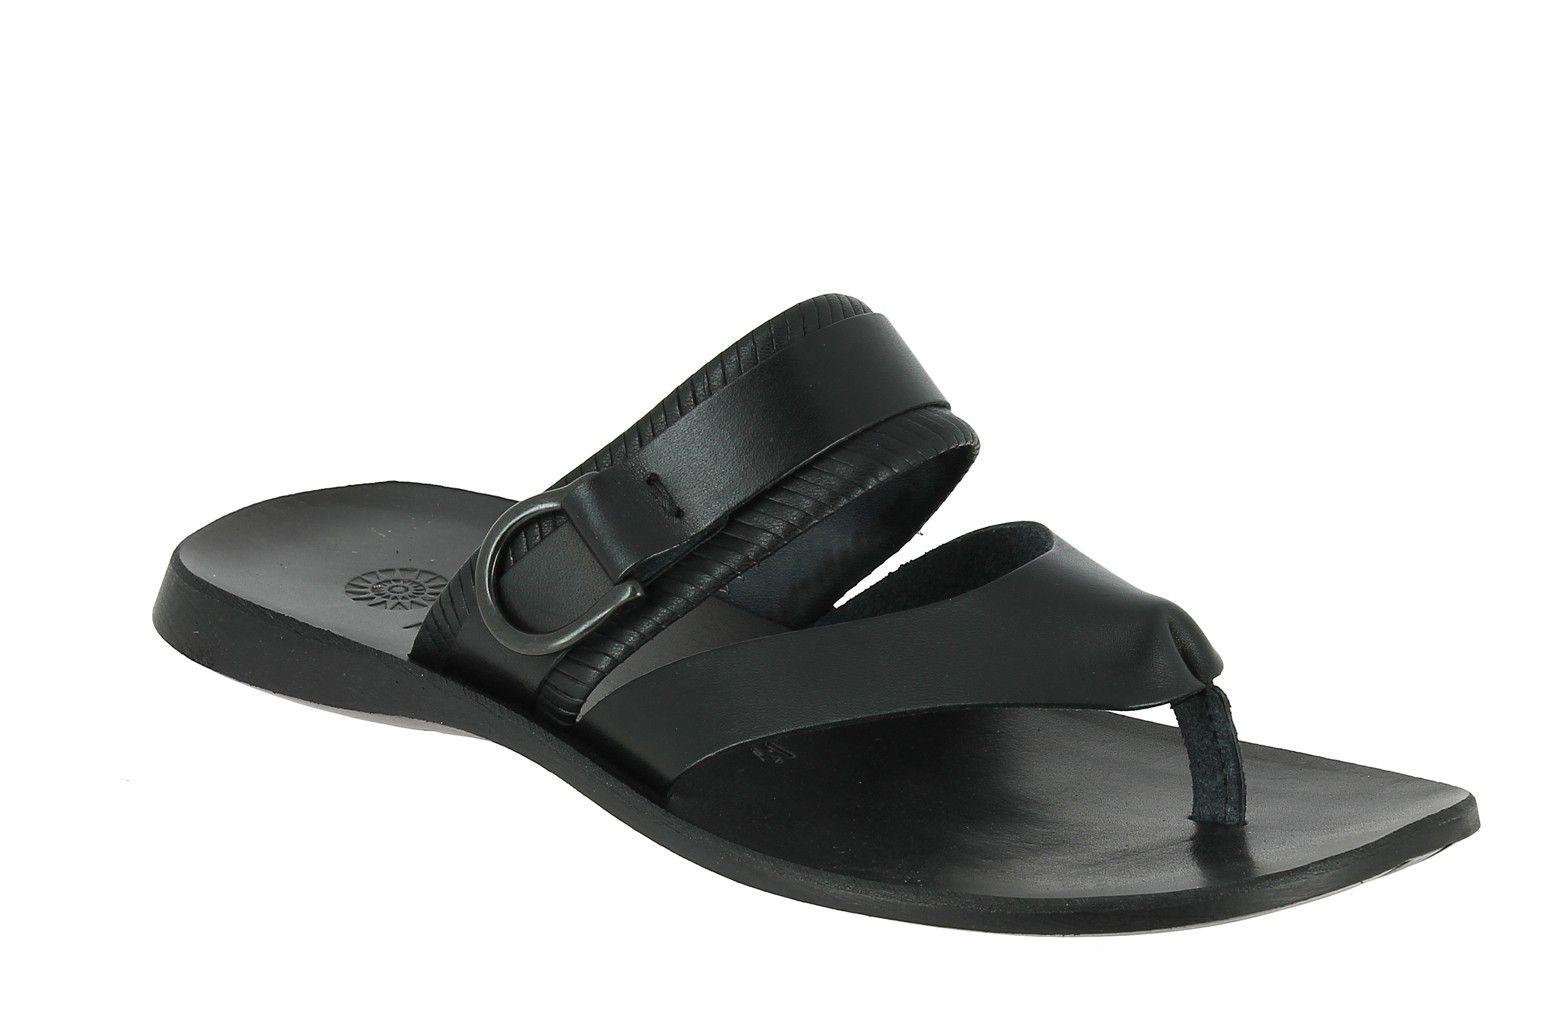 Center 51 vous présente le modèle Sandale Zeus 1728 cuir noir à 49,00 € 8e8a0e58700a